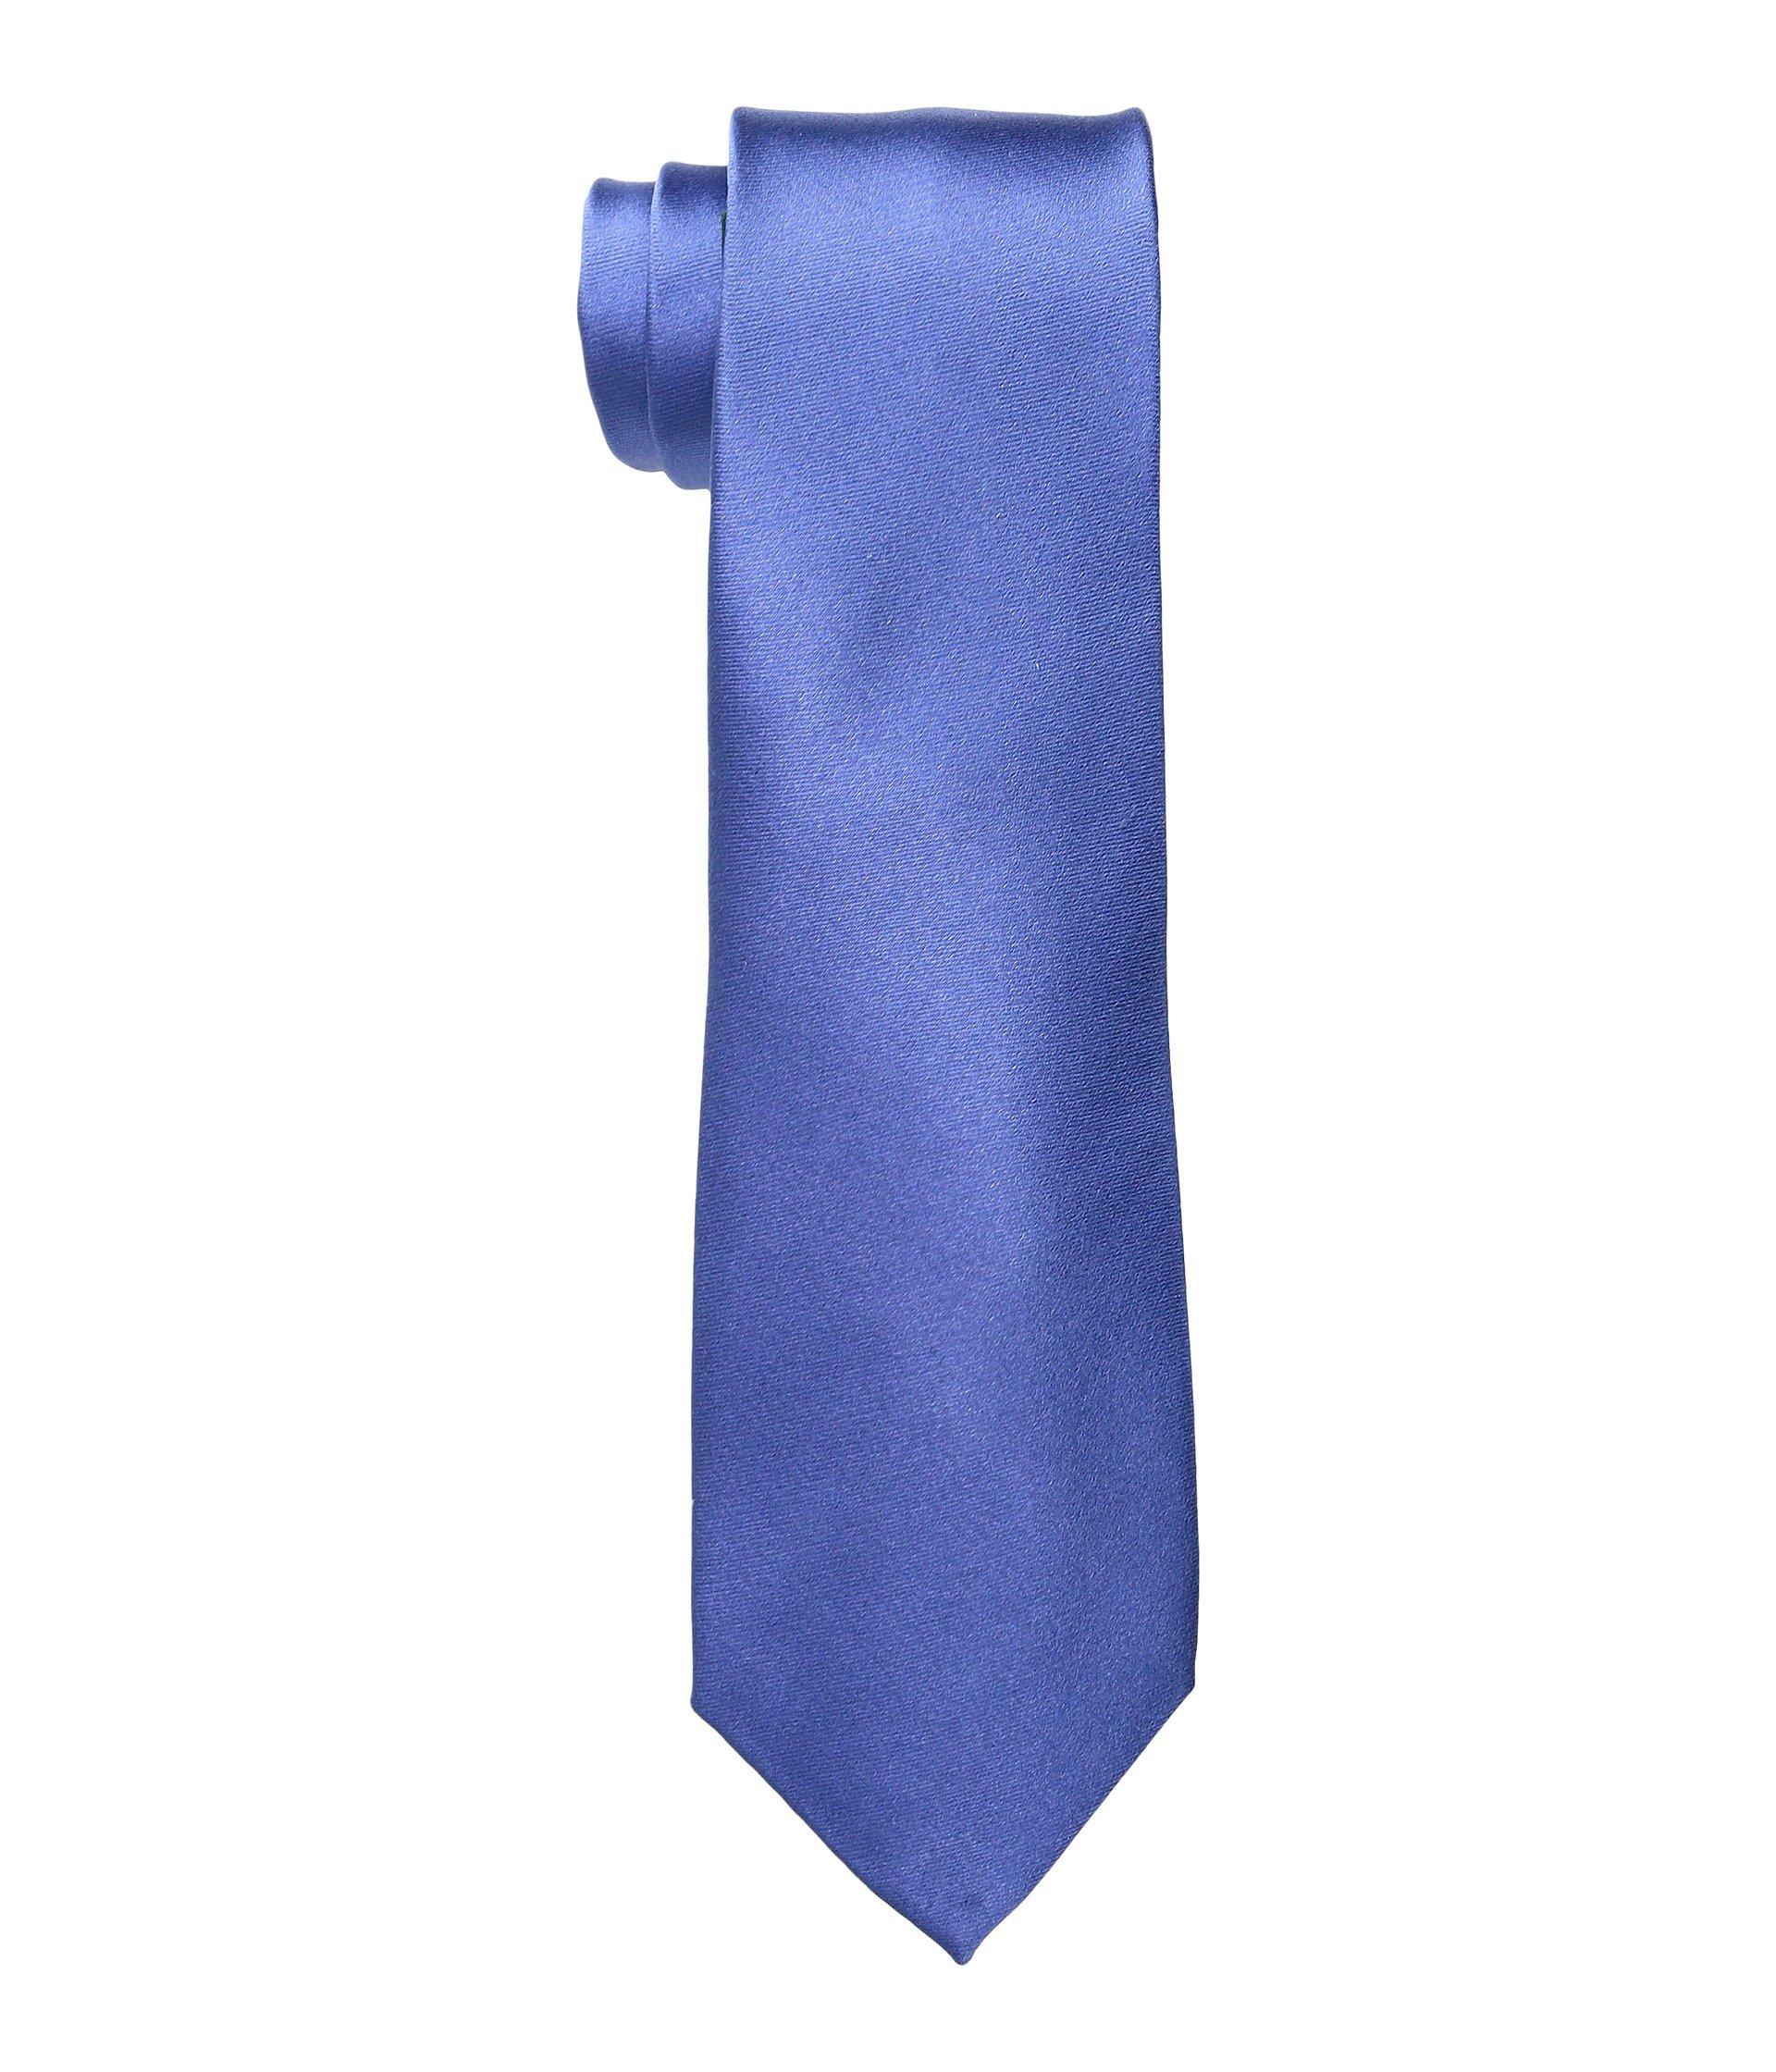 Corbata para Hombre LAUREN Ralph Lauren Ascot Silks Tie  + LAUREN Ralph Lauren en VeoyCompro.net